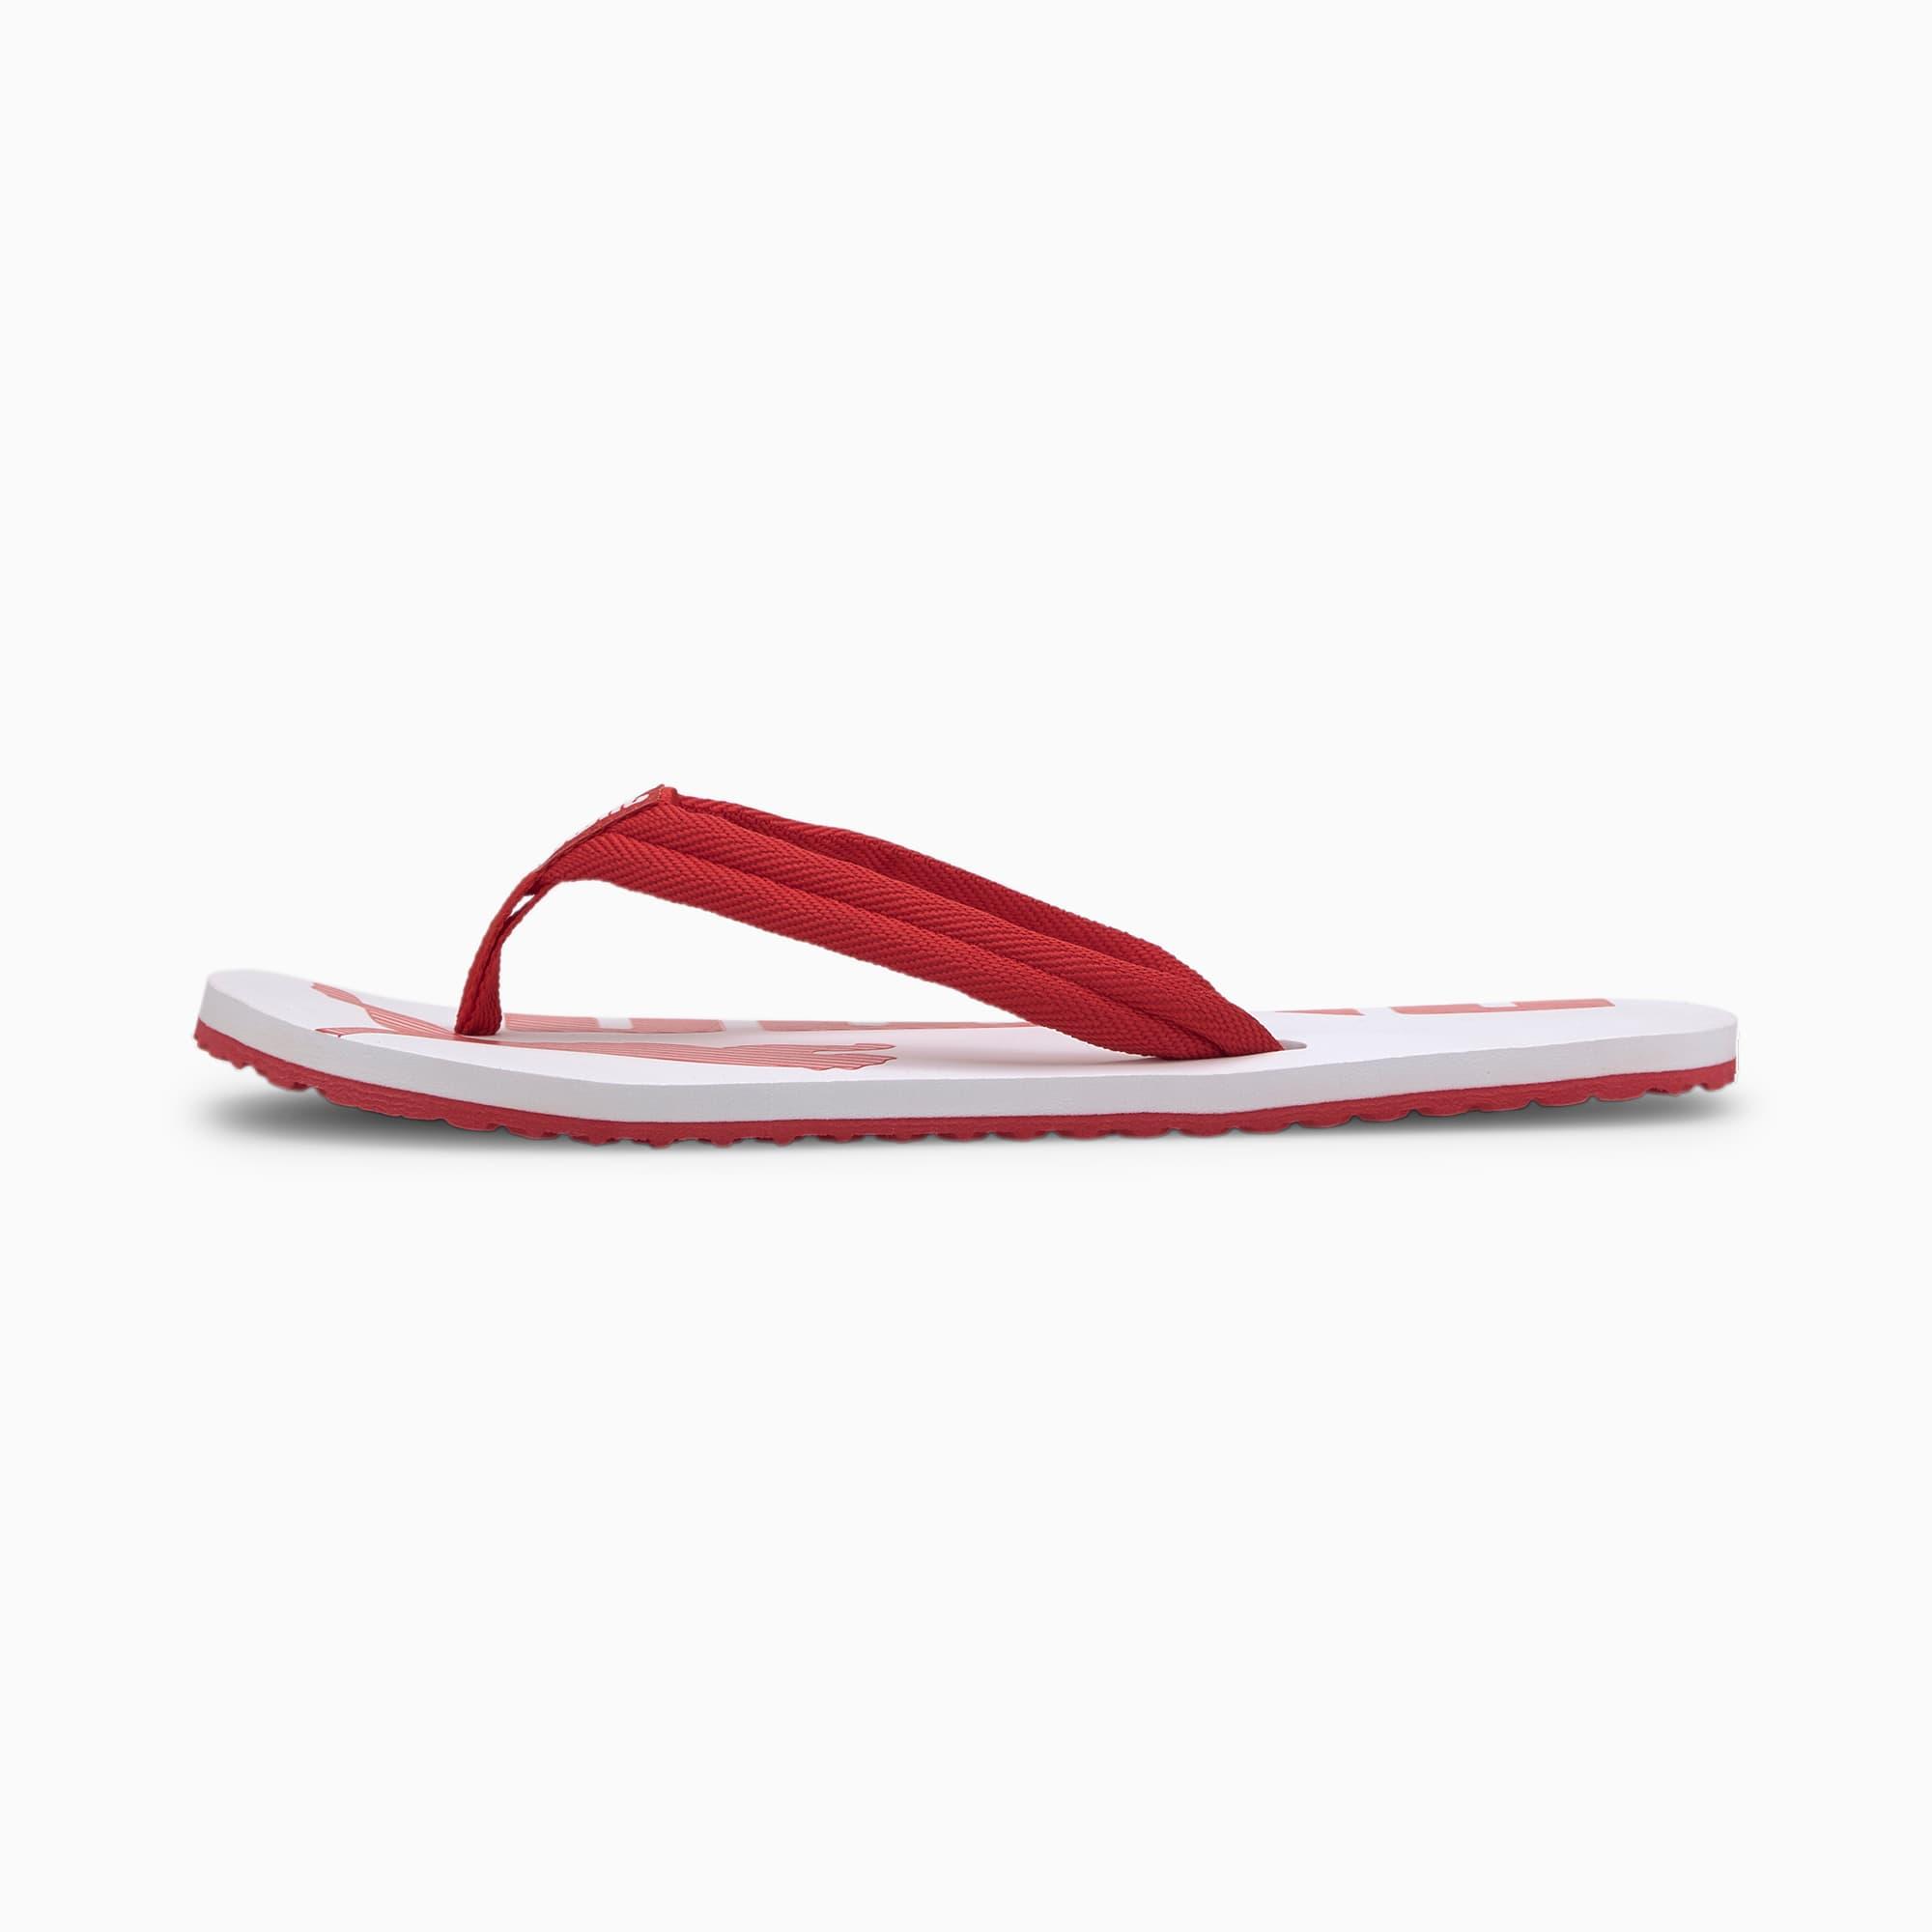 puma -  Epic Flip v2 Sandalen   Weiß   Größe: 39